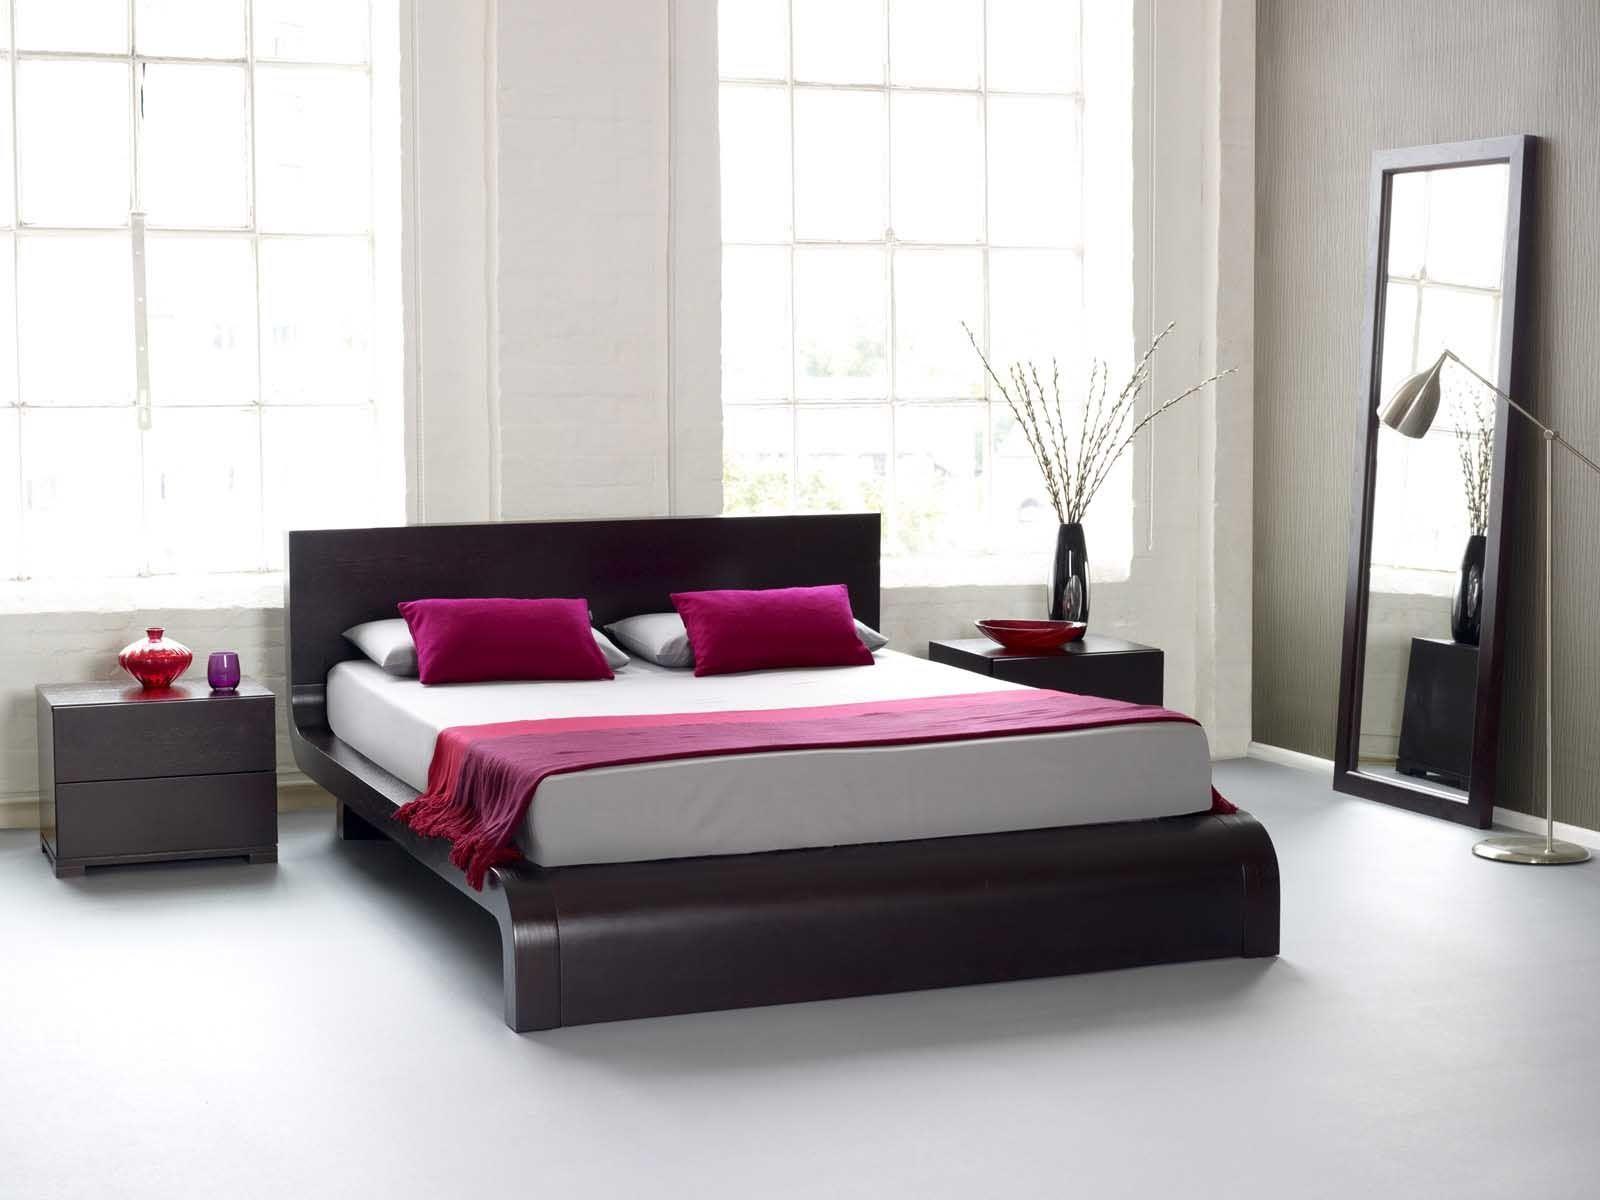 Creative Bedroom Furniture Photo Moderne Schlafzimmermöbel, Schlafzimmer  Einrichtungsideen, Schlafzimmer Einrichtung, Schlafzimmer Sets,